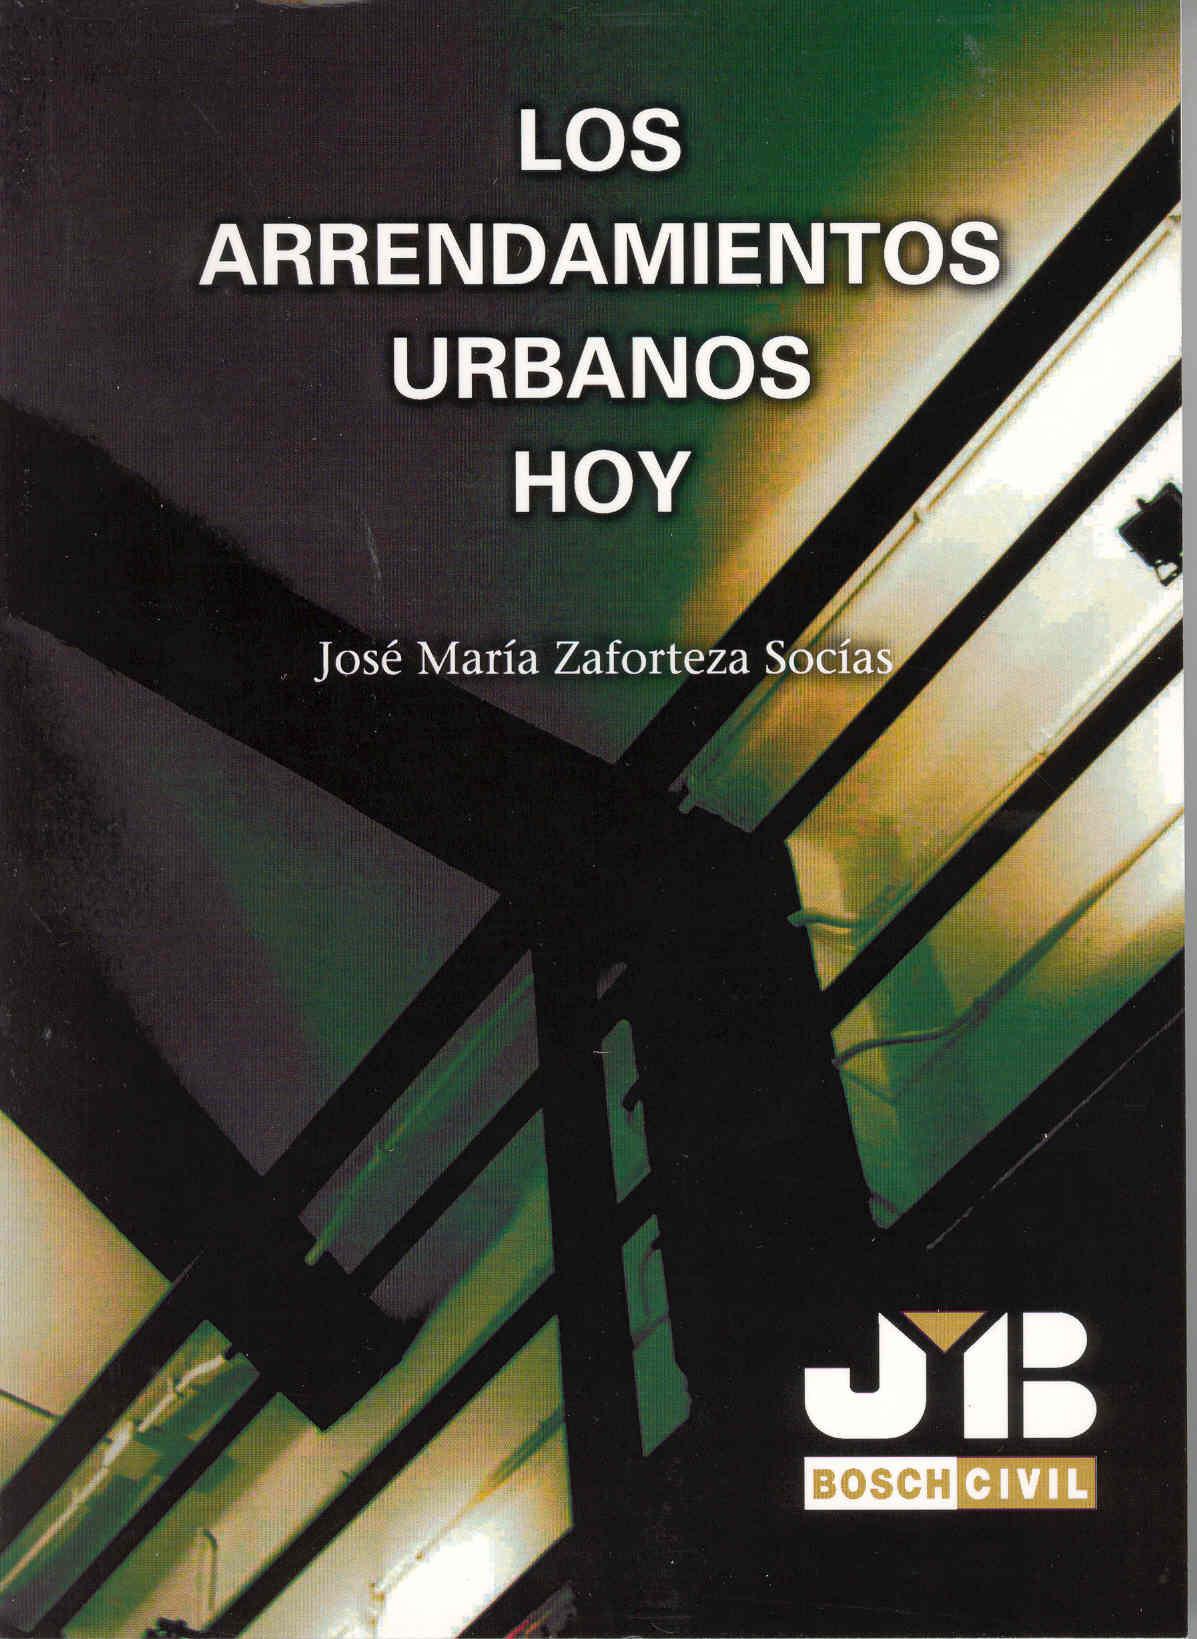 Los Arrendamientos Urbanos Hoy. por Jose Maria Zaforteza Socias